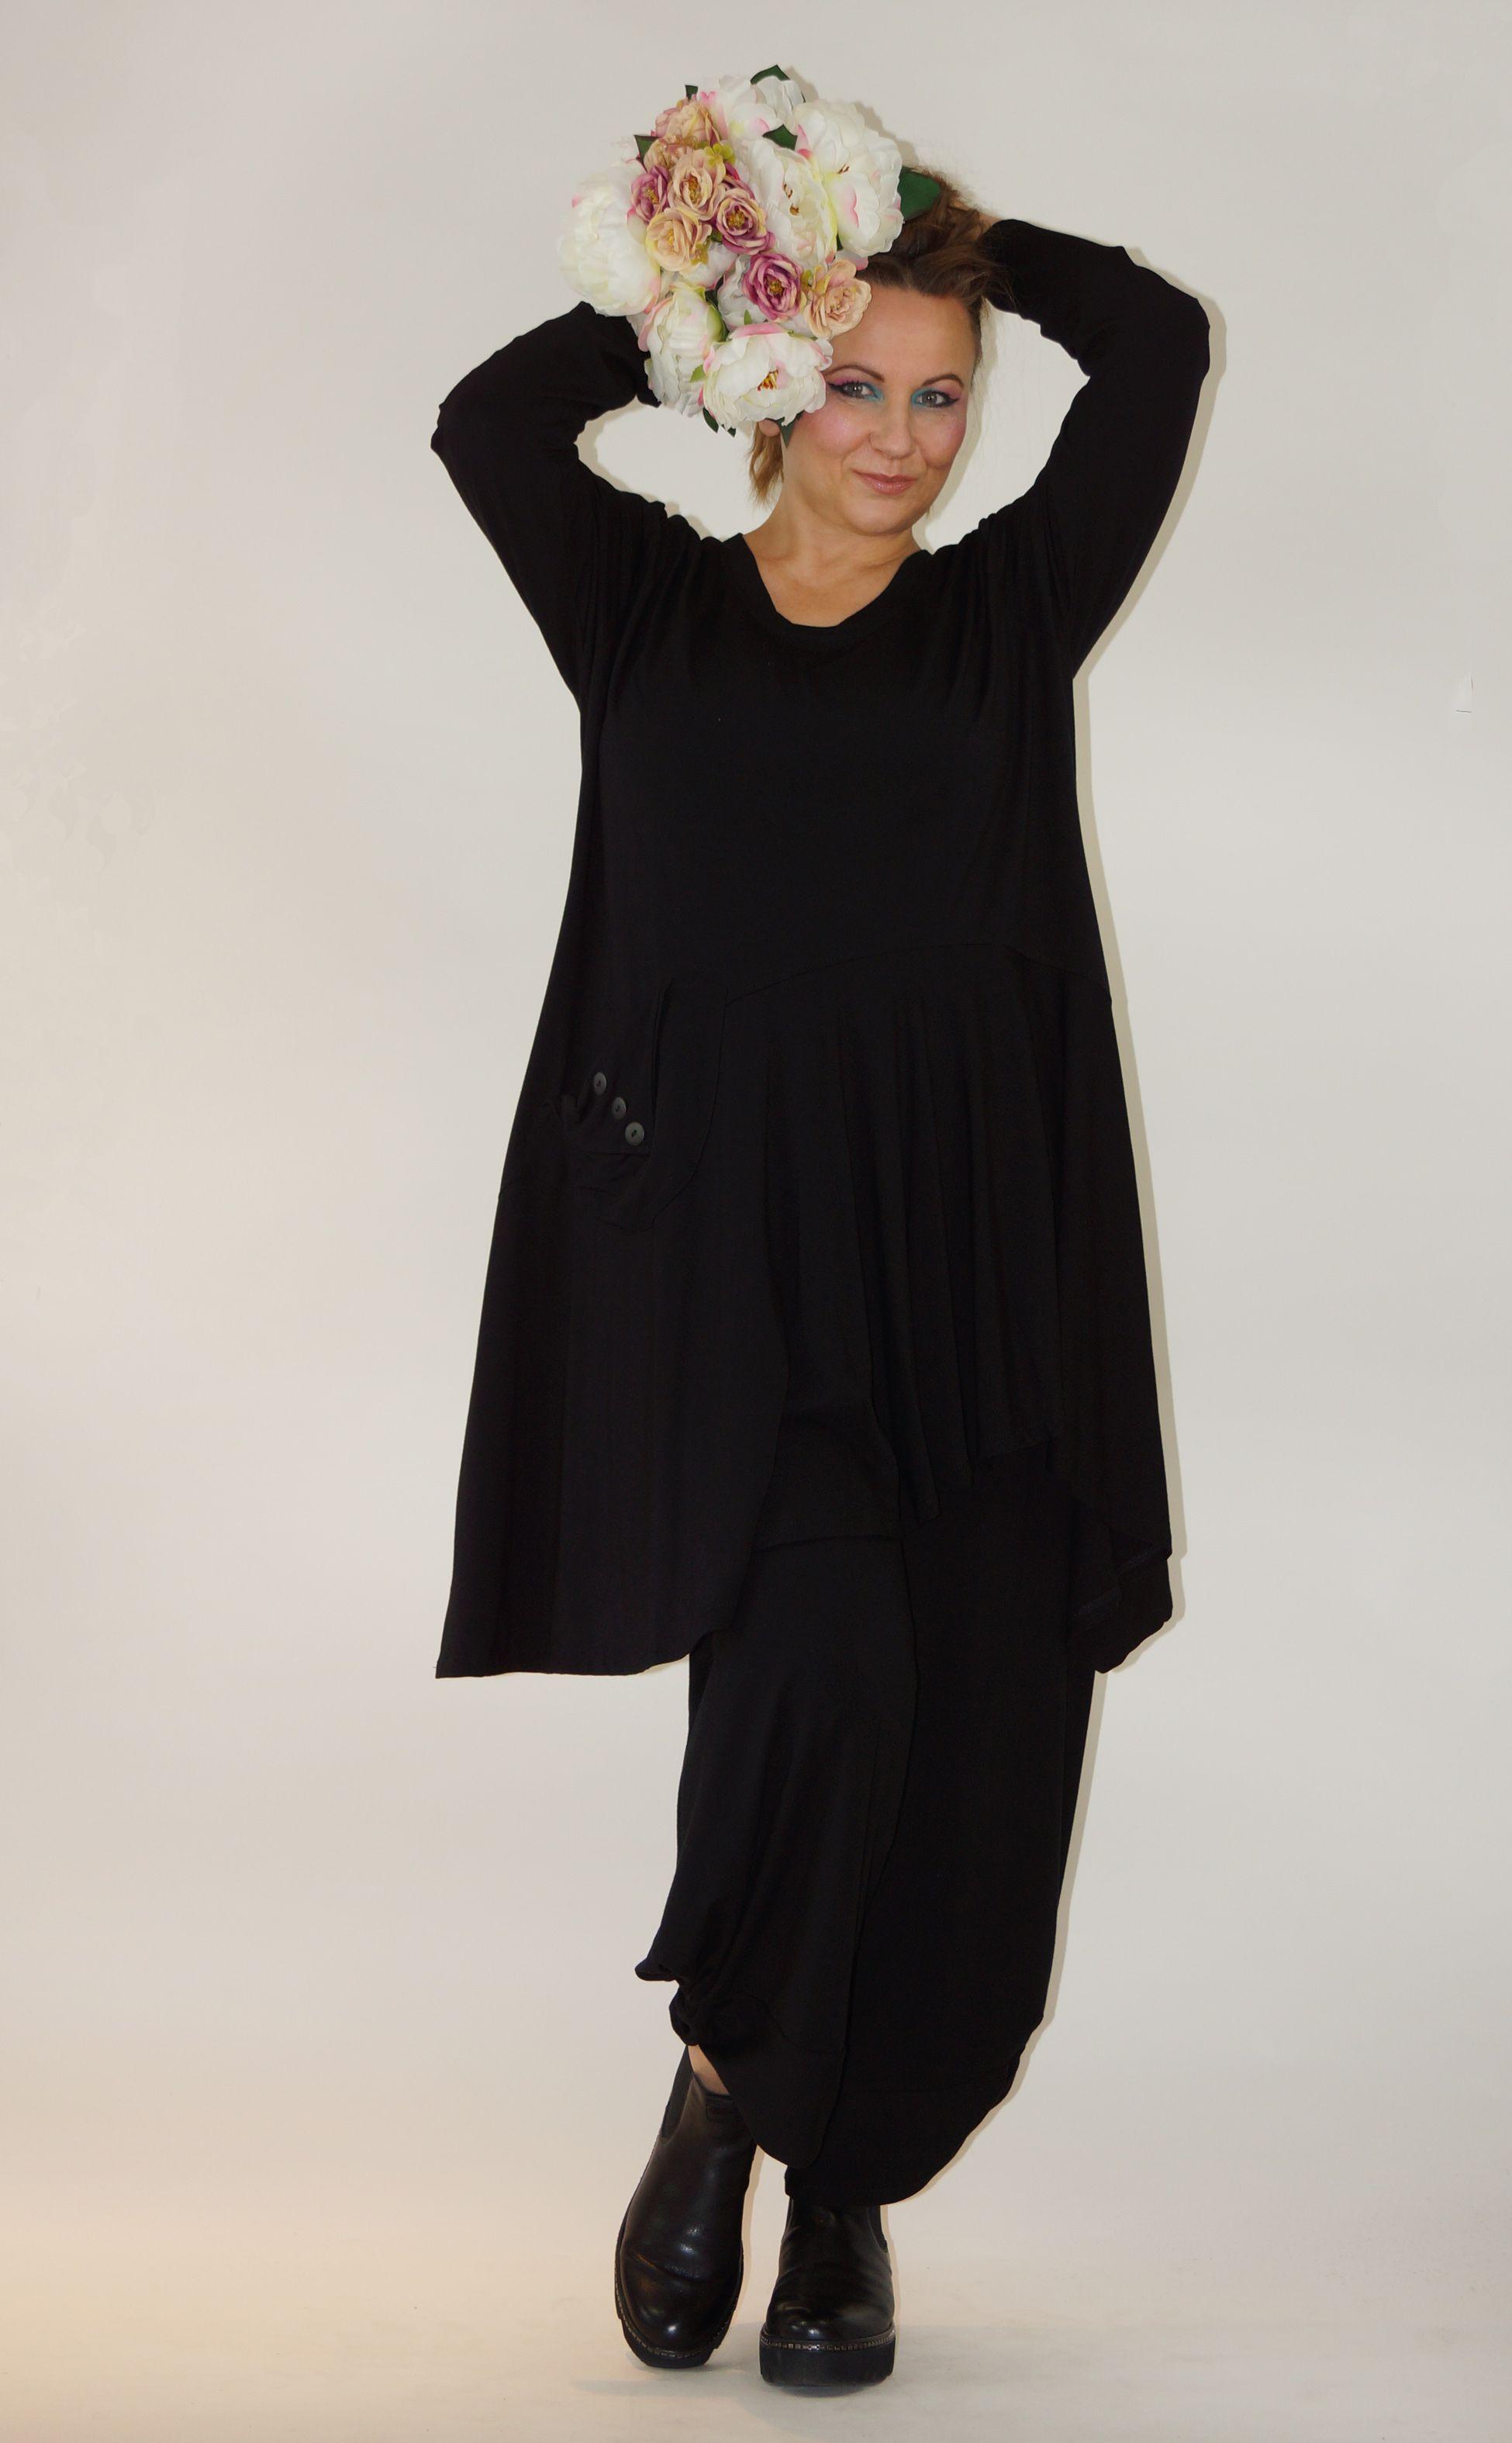 Tunika 3 Knopfe Hose Seiten Verdreht Von Kischella Design In 2020 Damenmode Grosse Grossen Modestil Mode